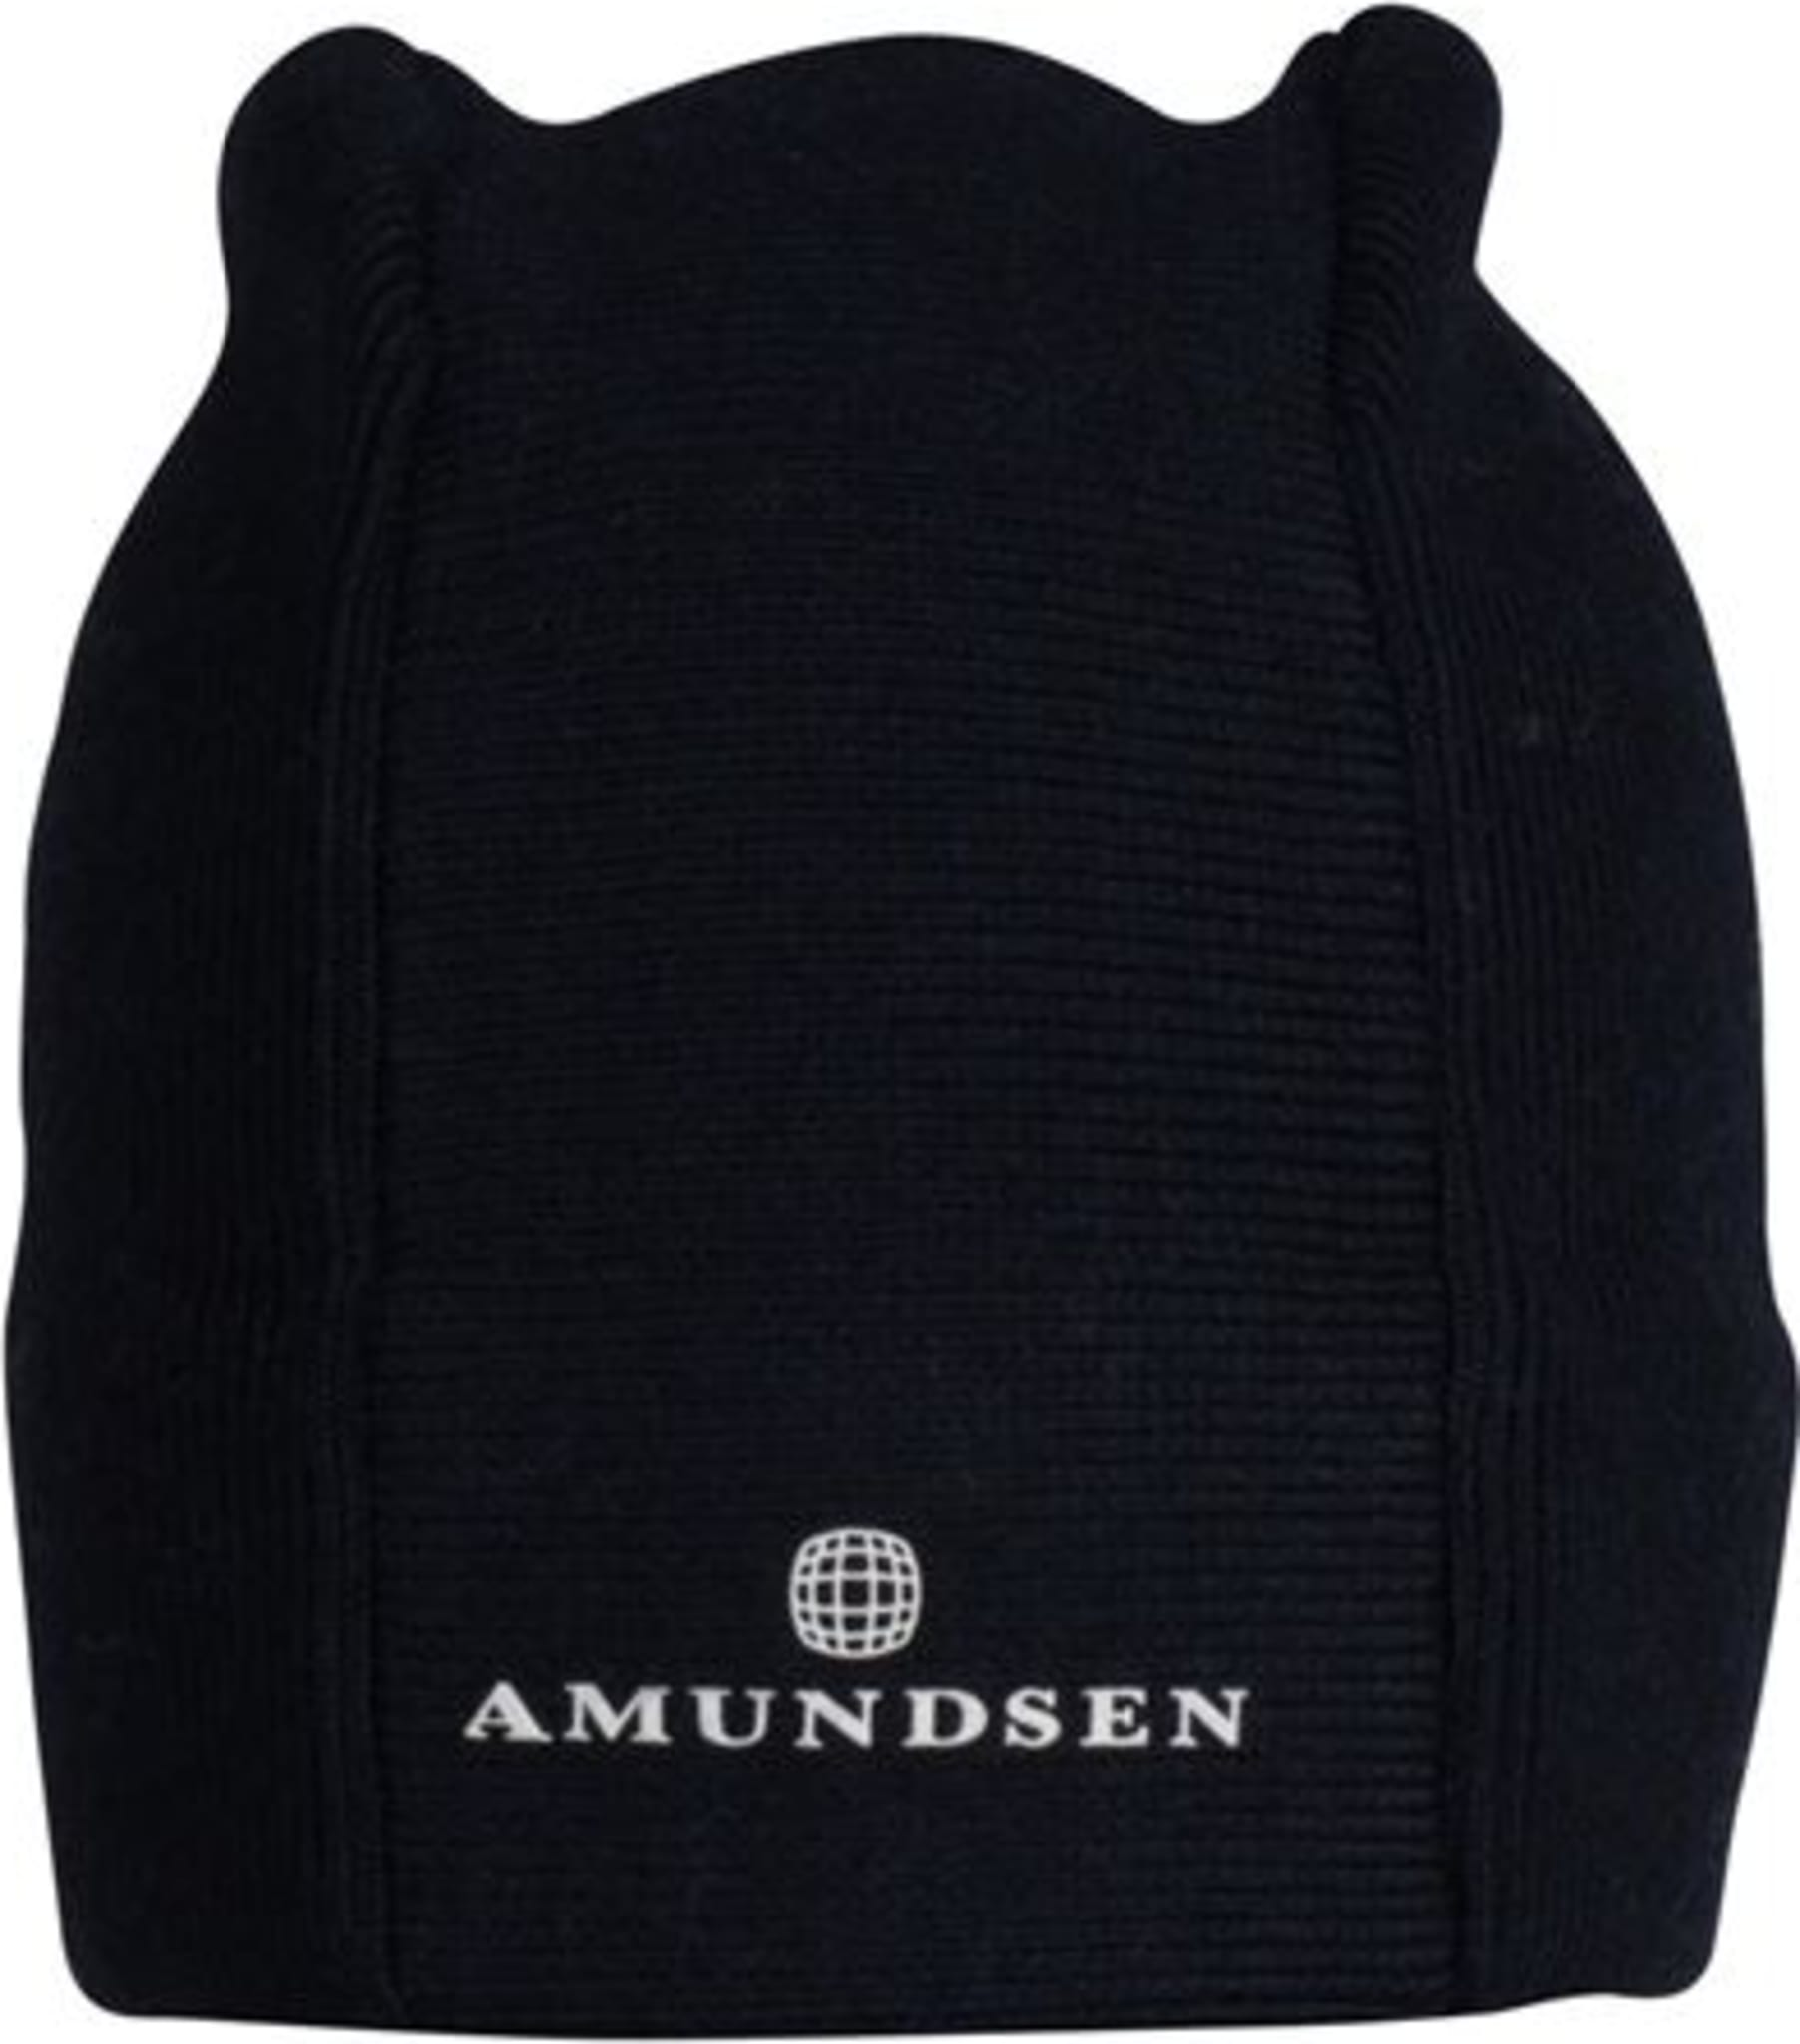 Amundsen Classic Hat Unisex